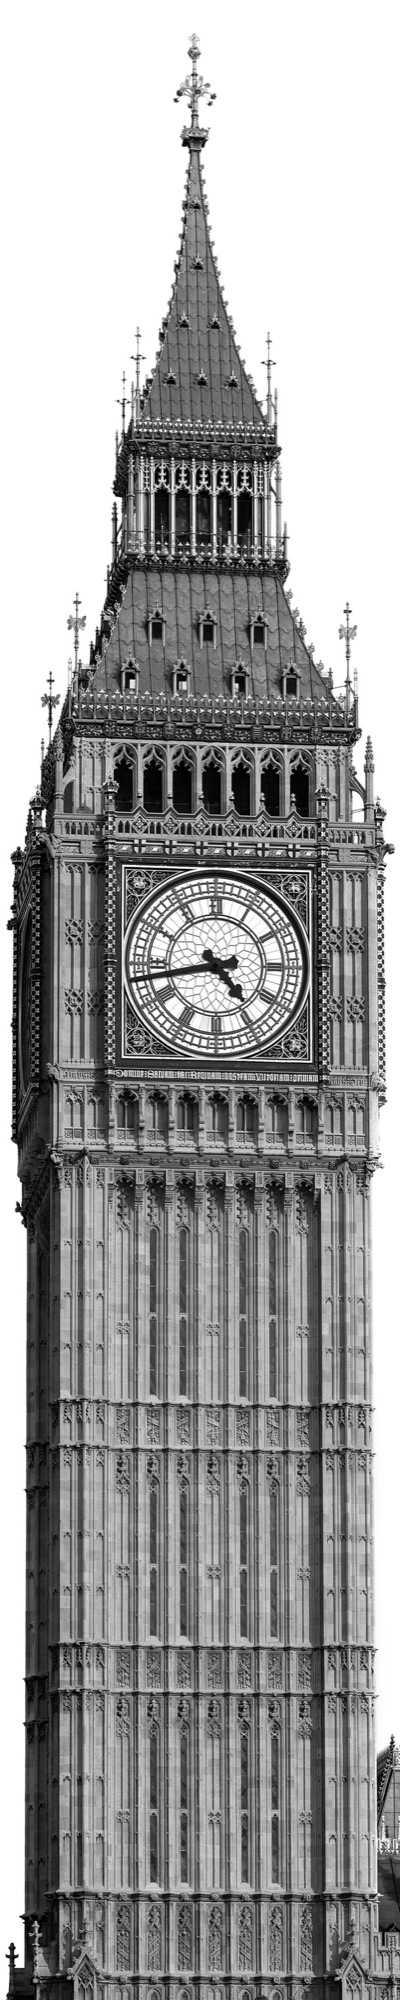 Poster XXL impression numérique Big Ben